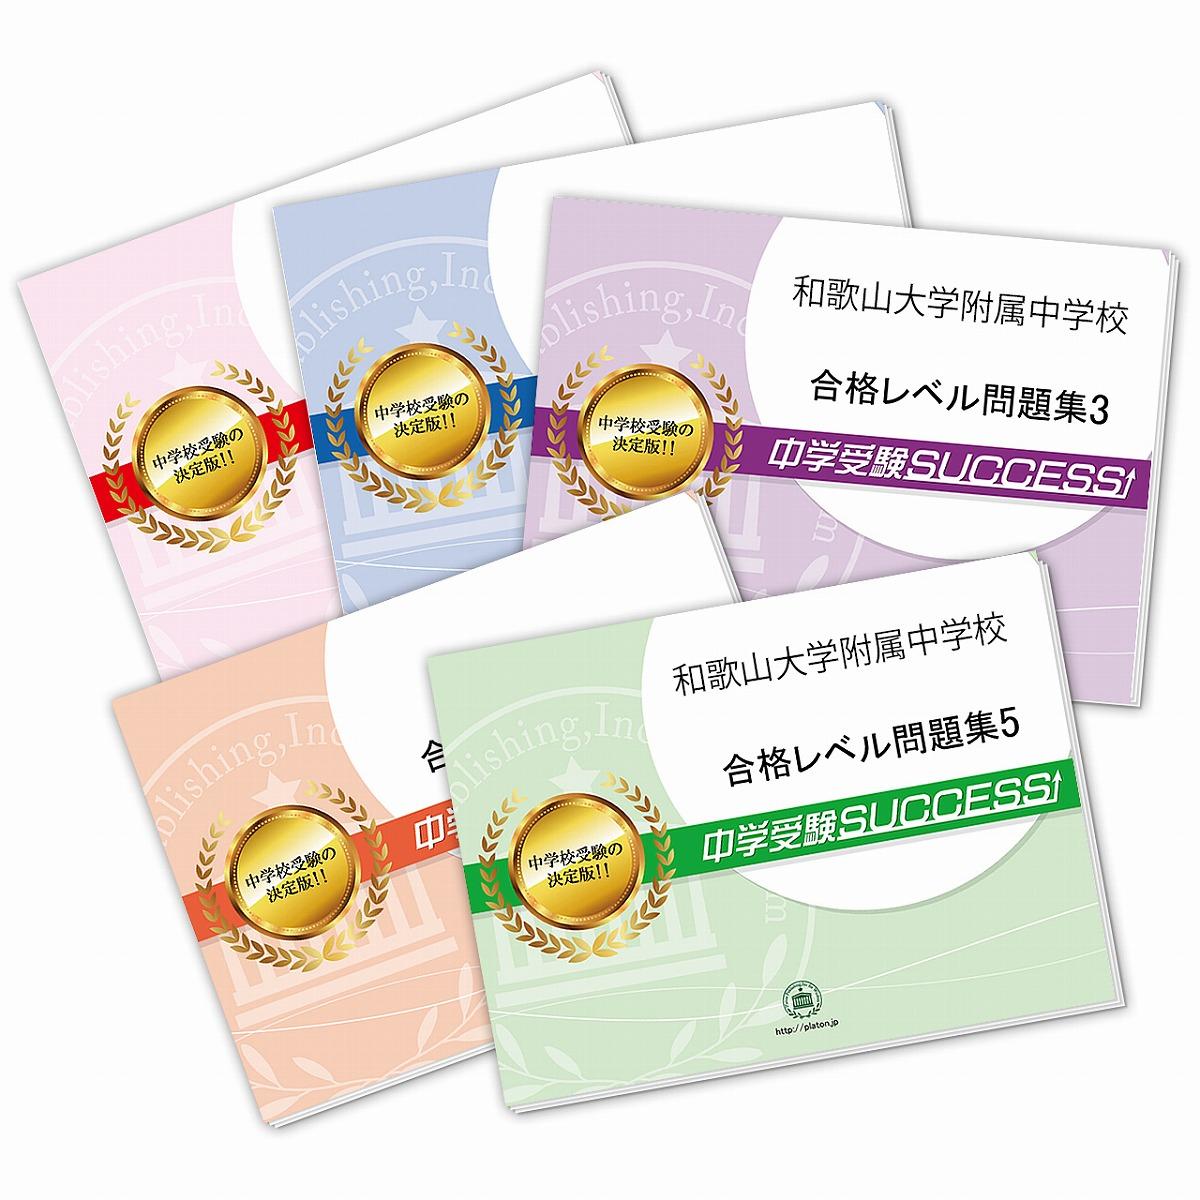 送料 代引手数料無料 売り出し 和歌山大学附属中学校 直前対策合格セット 5冊 即日出荷